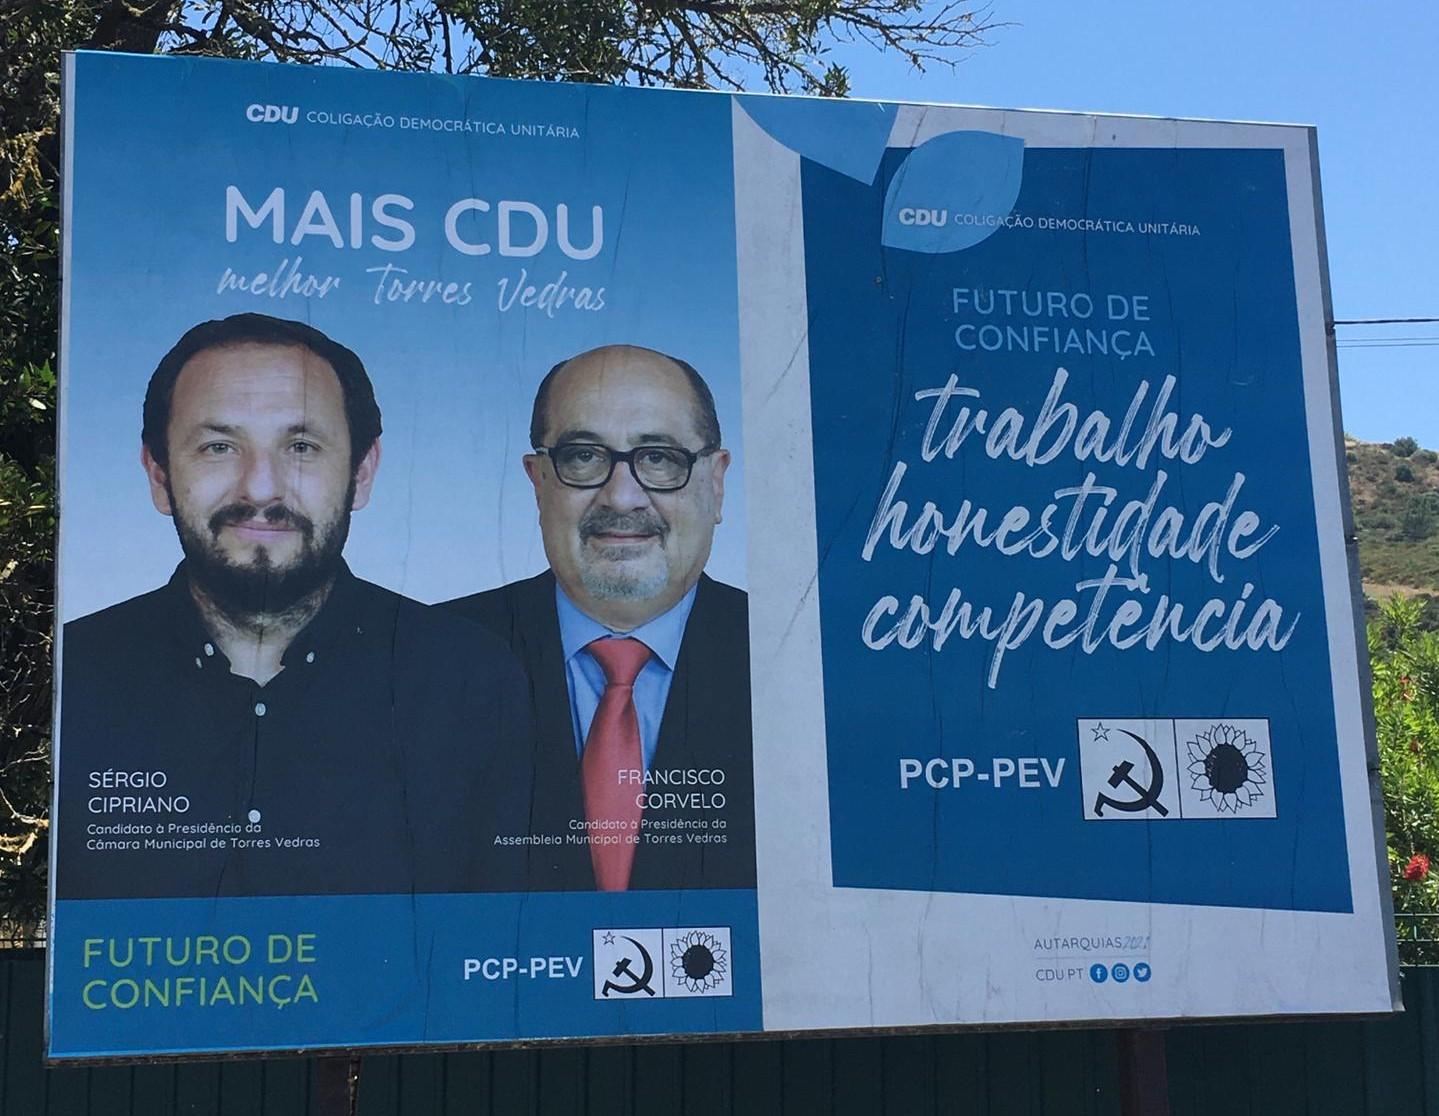 CDU_2021_Torres Vedras_